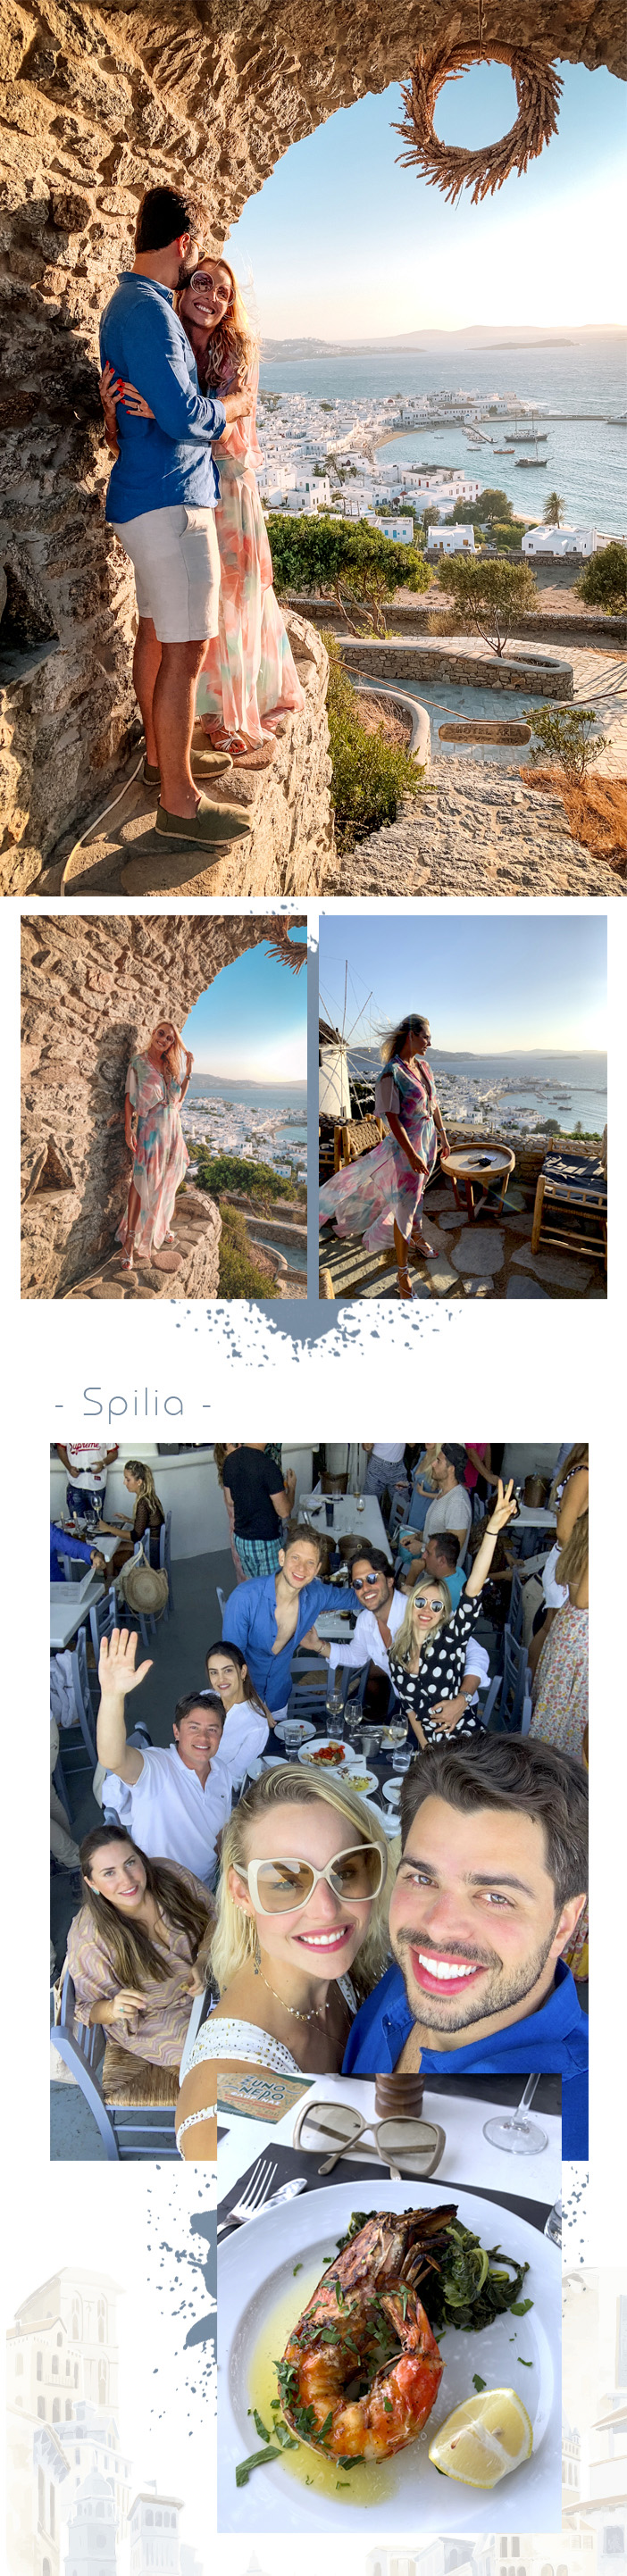 Diário de Bordo - Layla em Mykonos